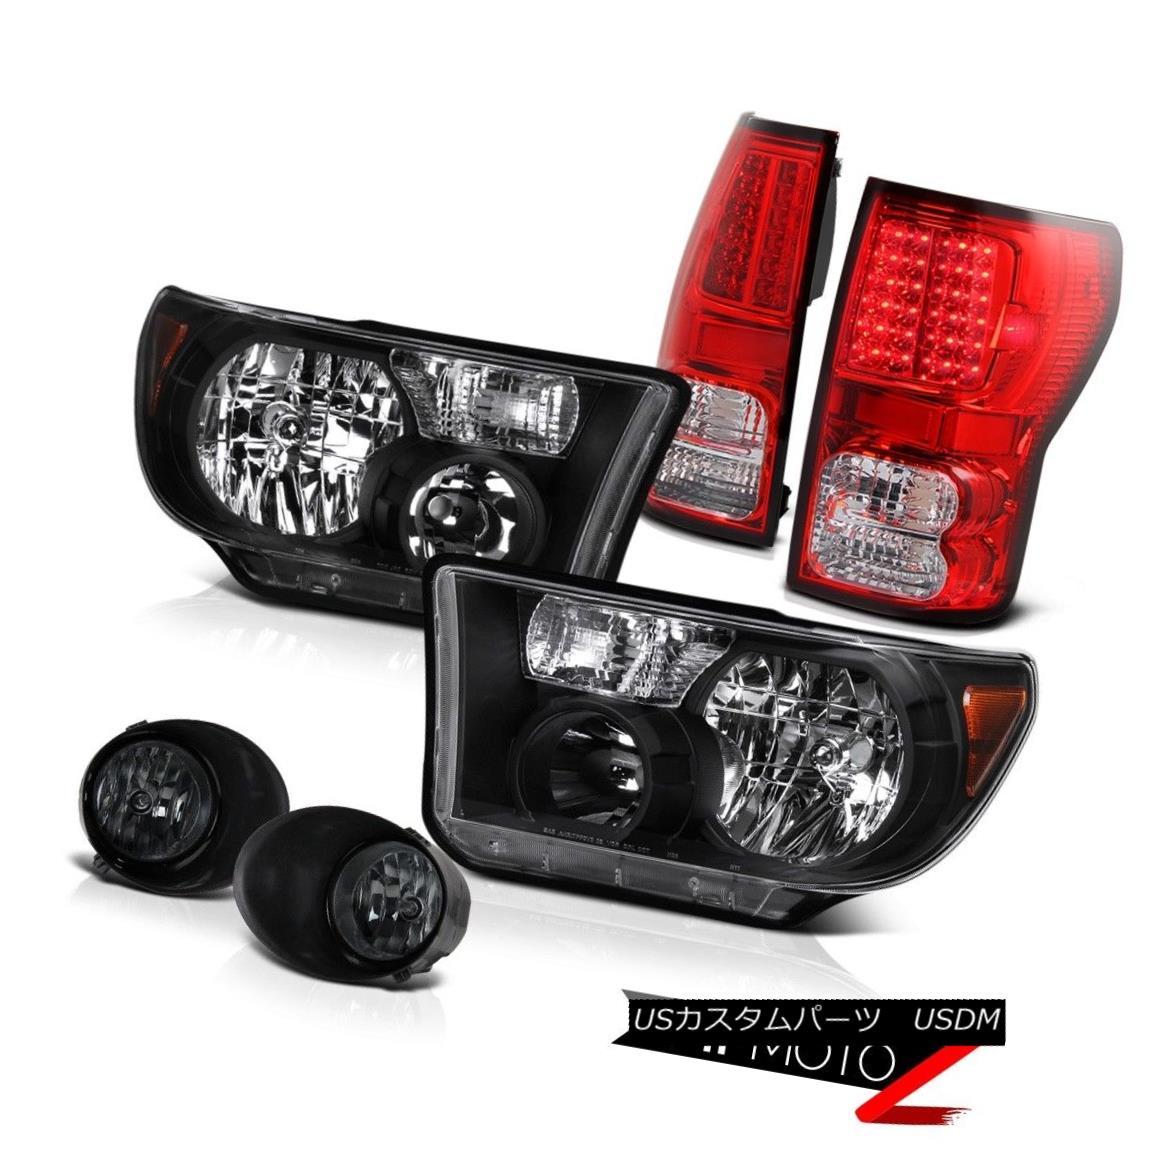 テールライト L+R Black Diamond Headlight+Led Tail Light+Fog Lamp Assembly Tundra 07-13 L + Rブラックダイヤモンドヘッドライト+ Ledテールライト+ FogランプアセンブリTundra 07-13